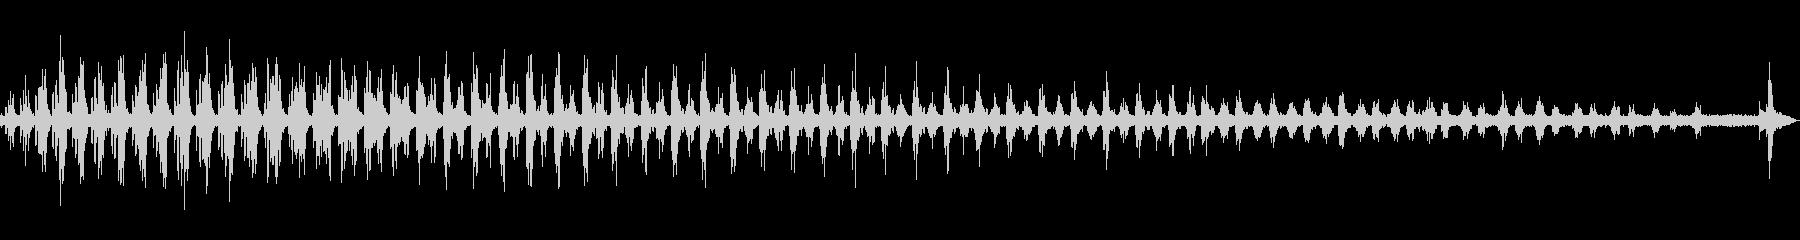 小綬鶏(コジュケイ)の鳴き声の未再生の波形